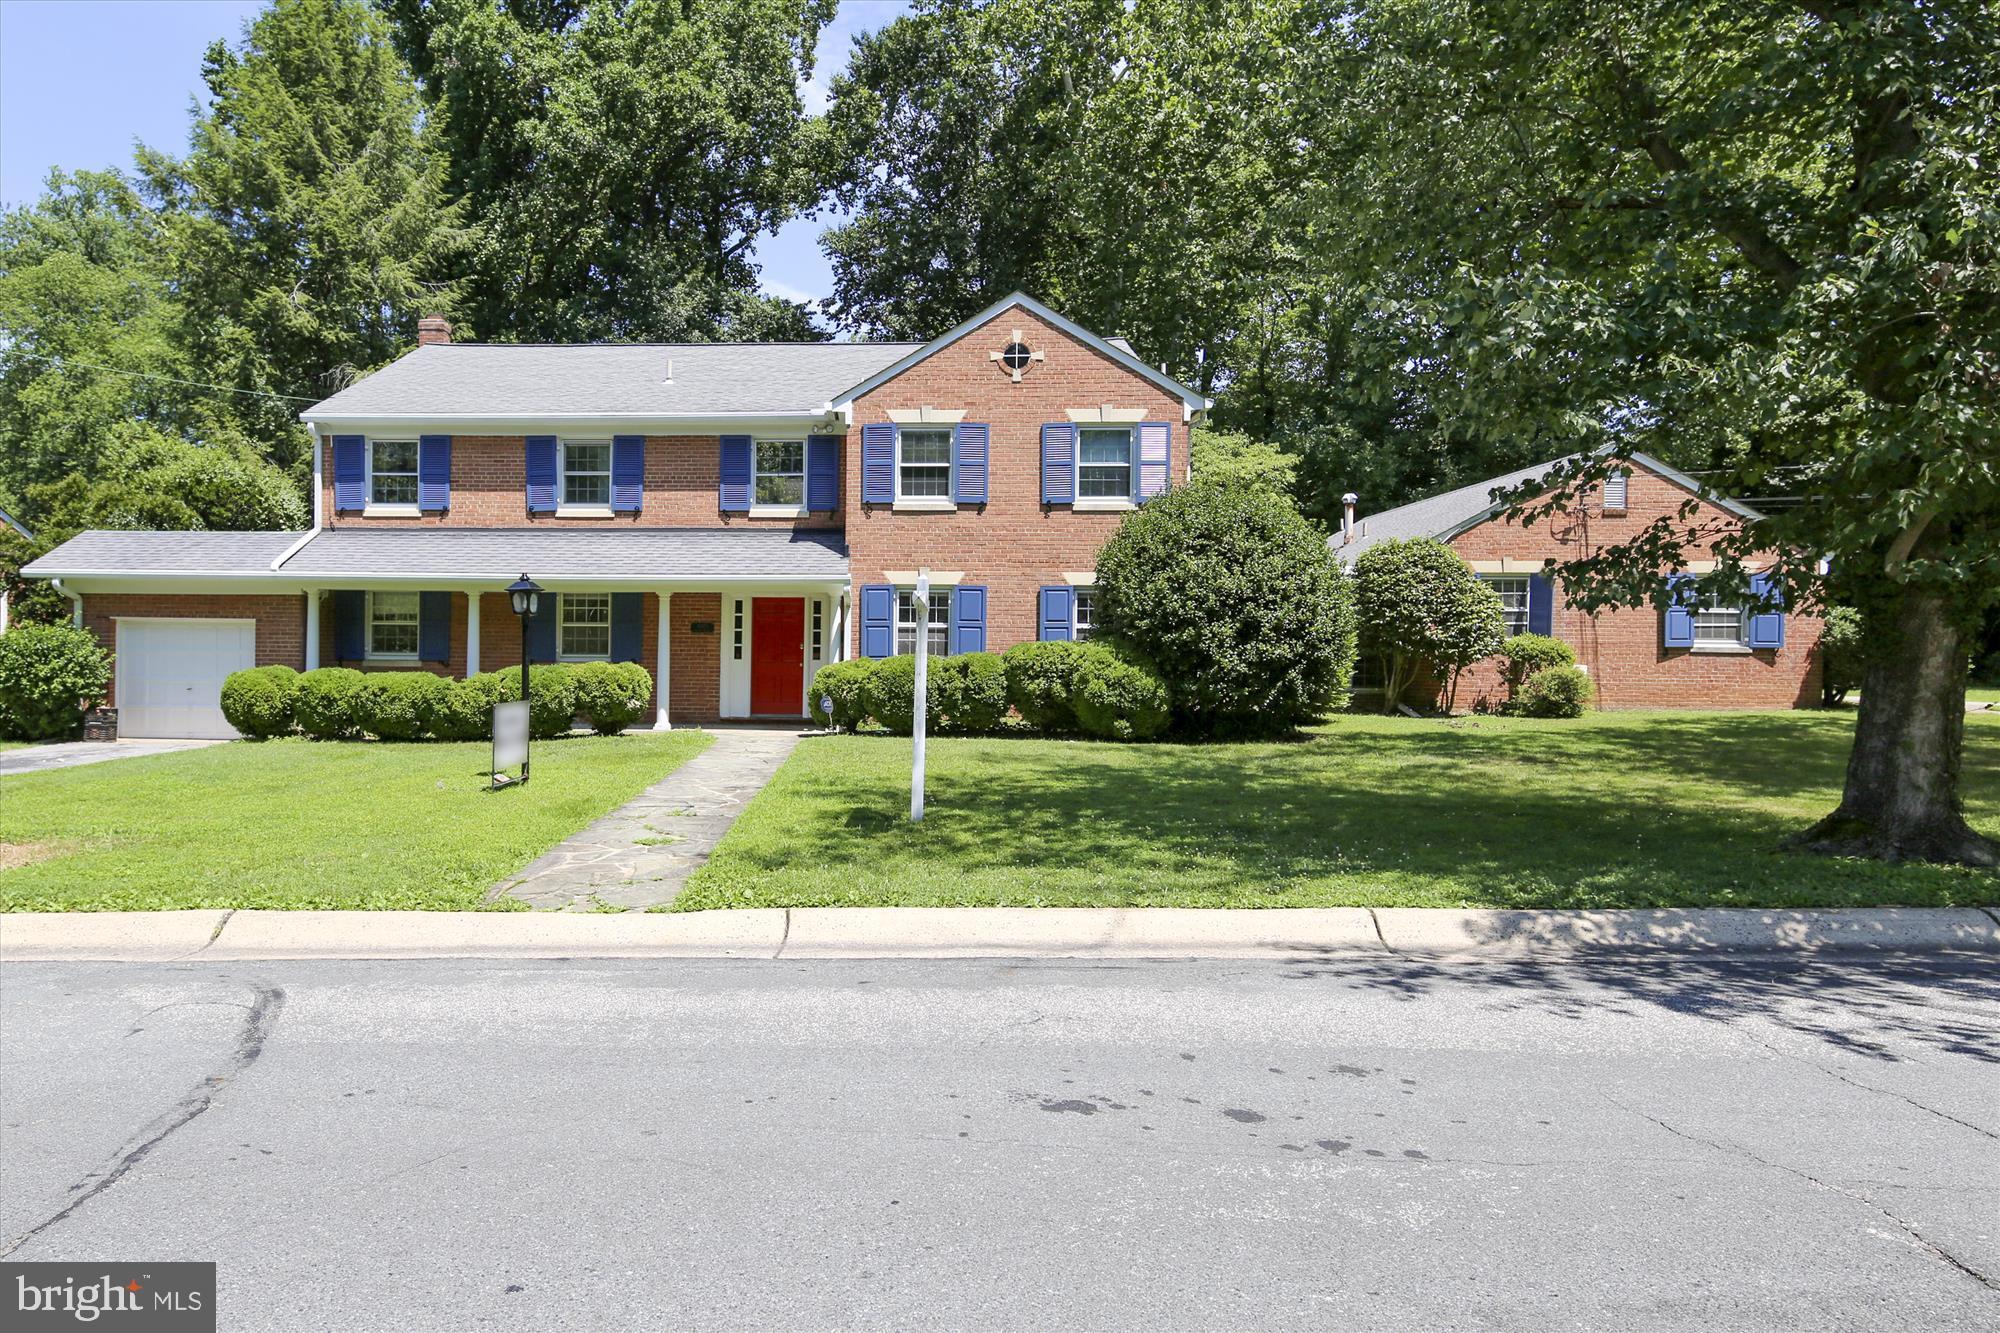 4105 CULVER STREET, KENSINGTON, MD 20895